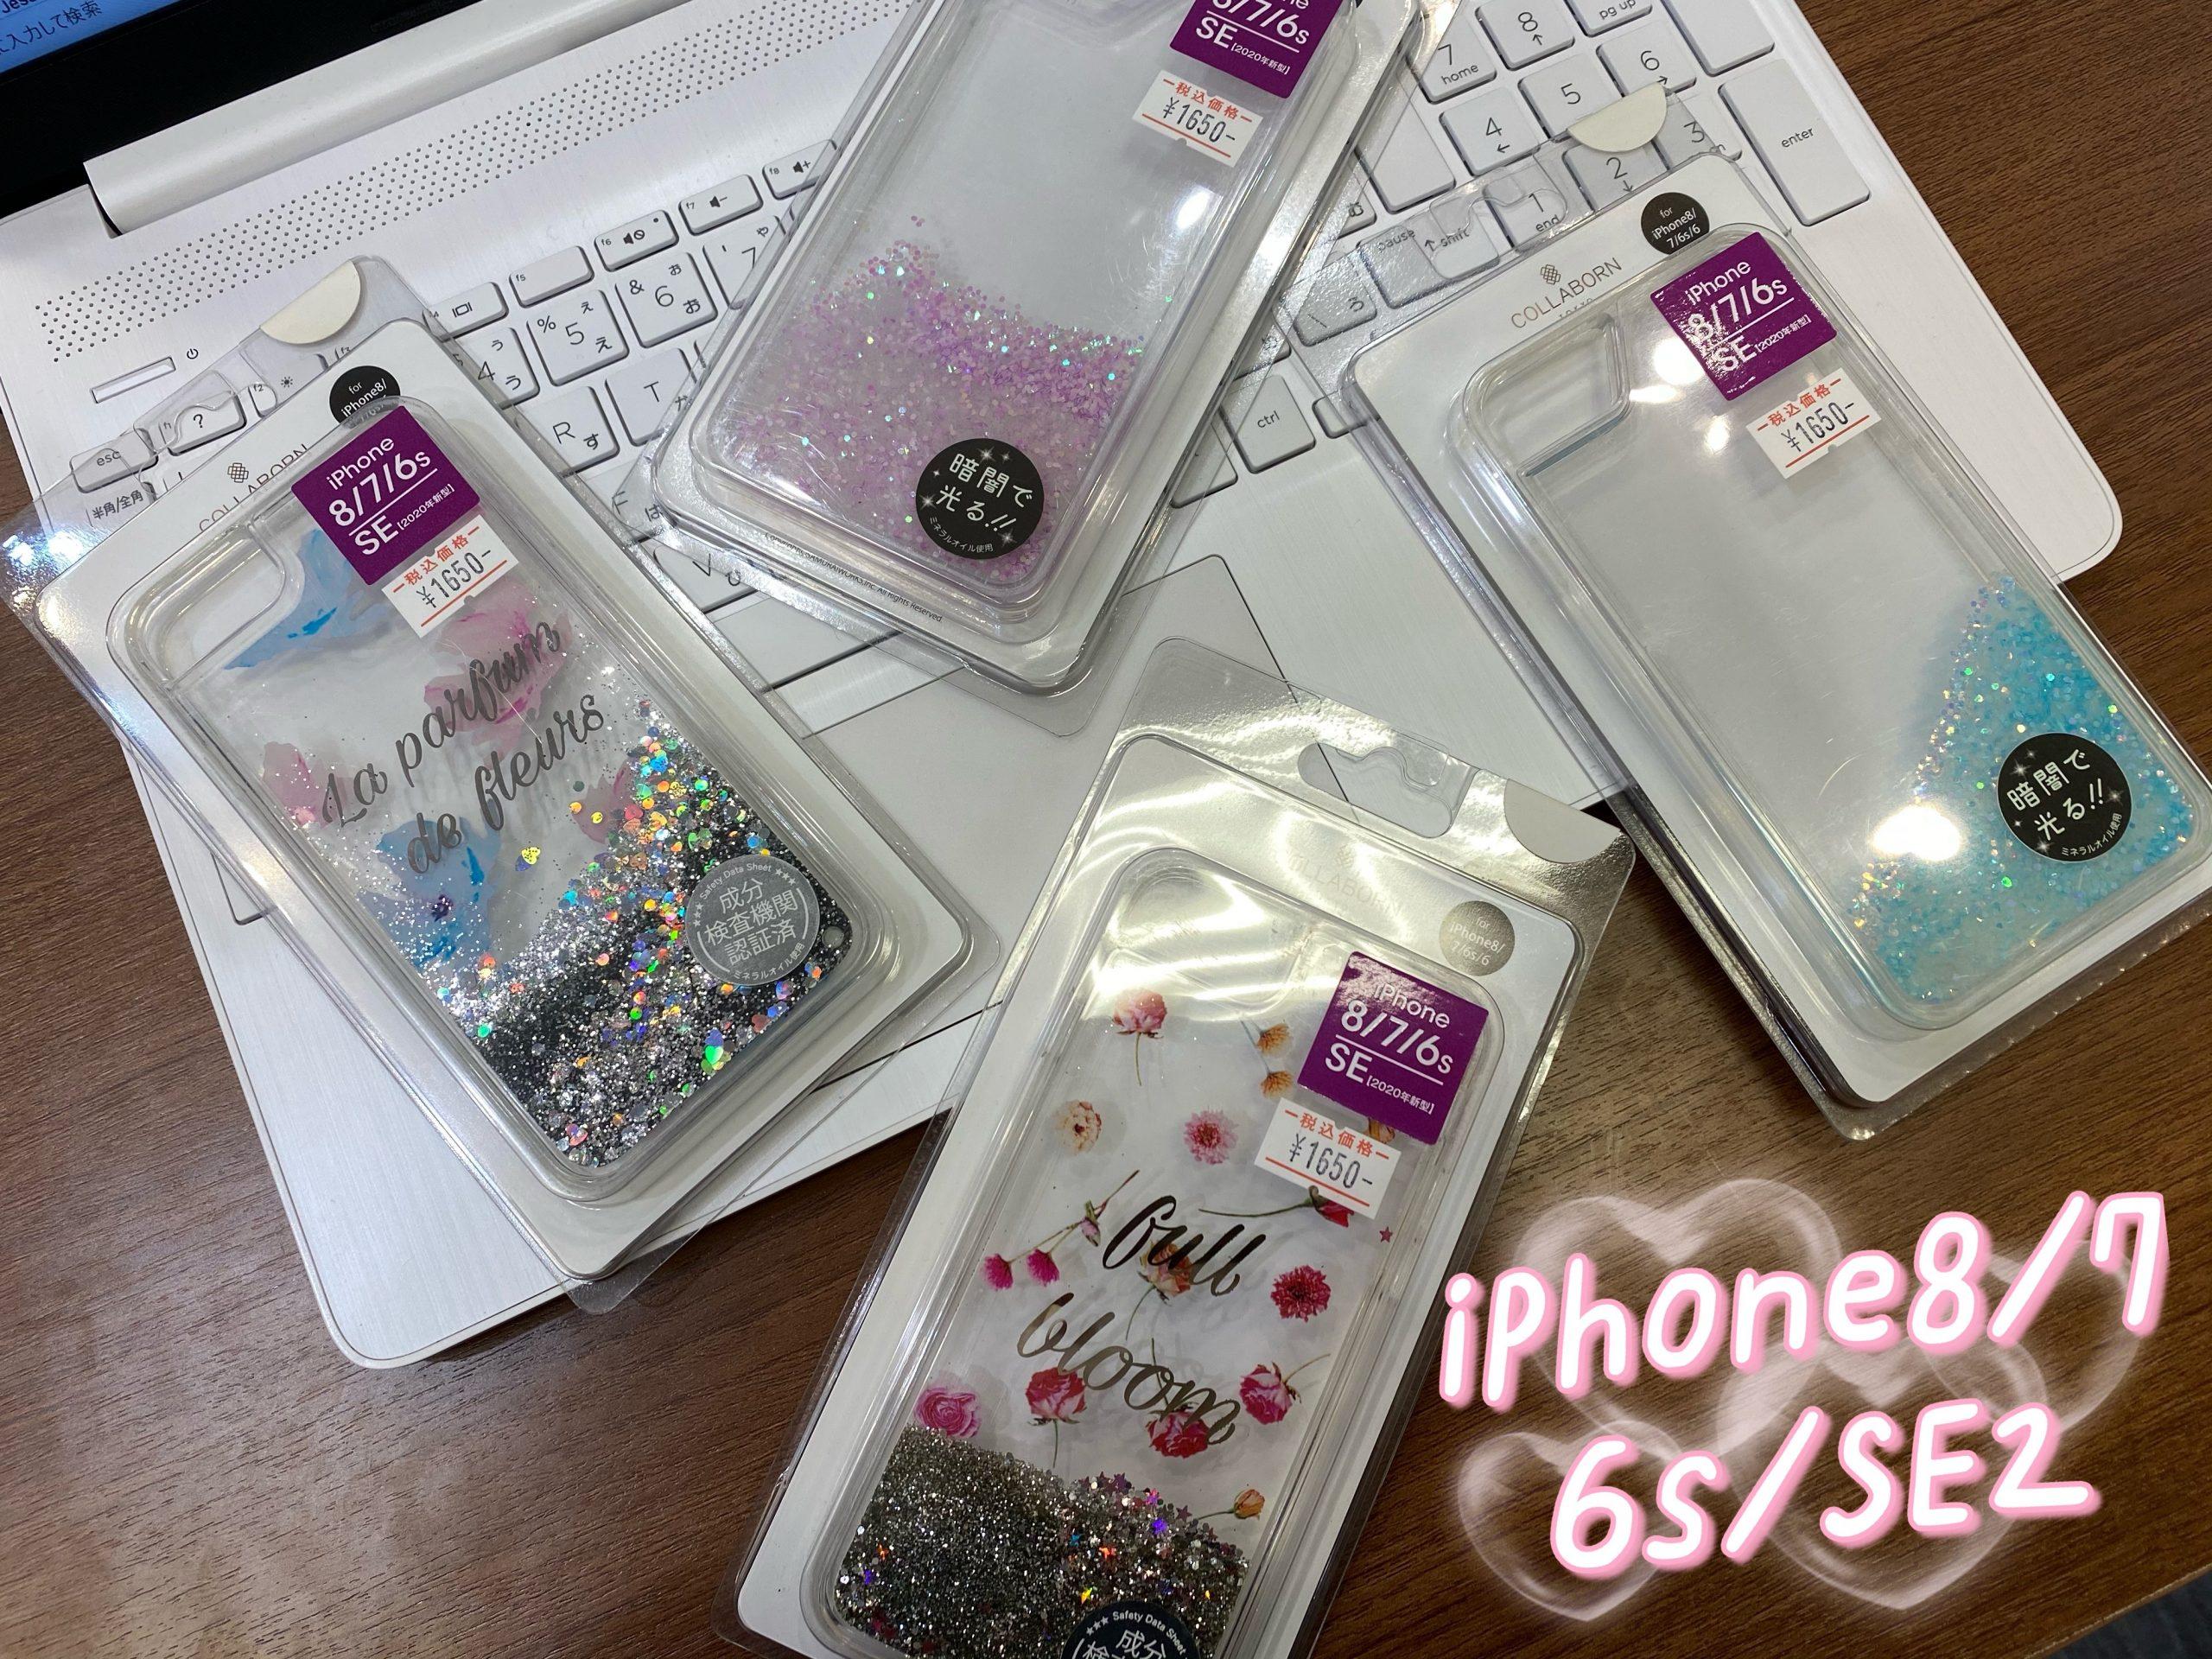 ★ラメが✨キラキラしているケース新入荷・iPhone8/7/6s/SE2兼用